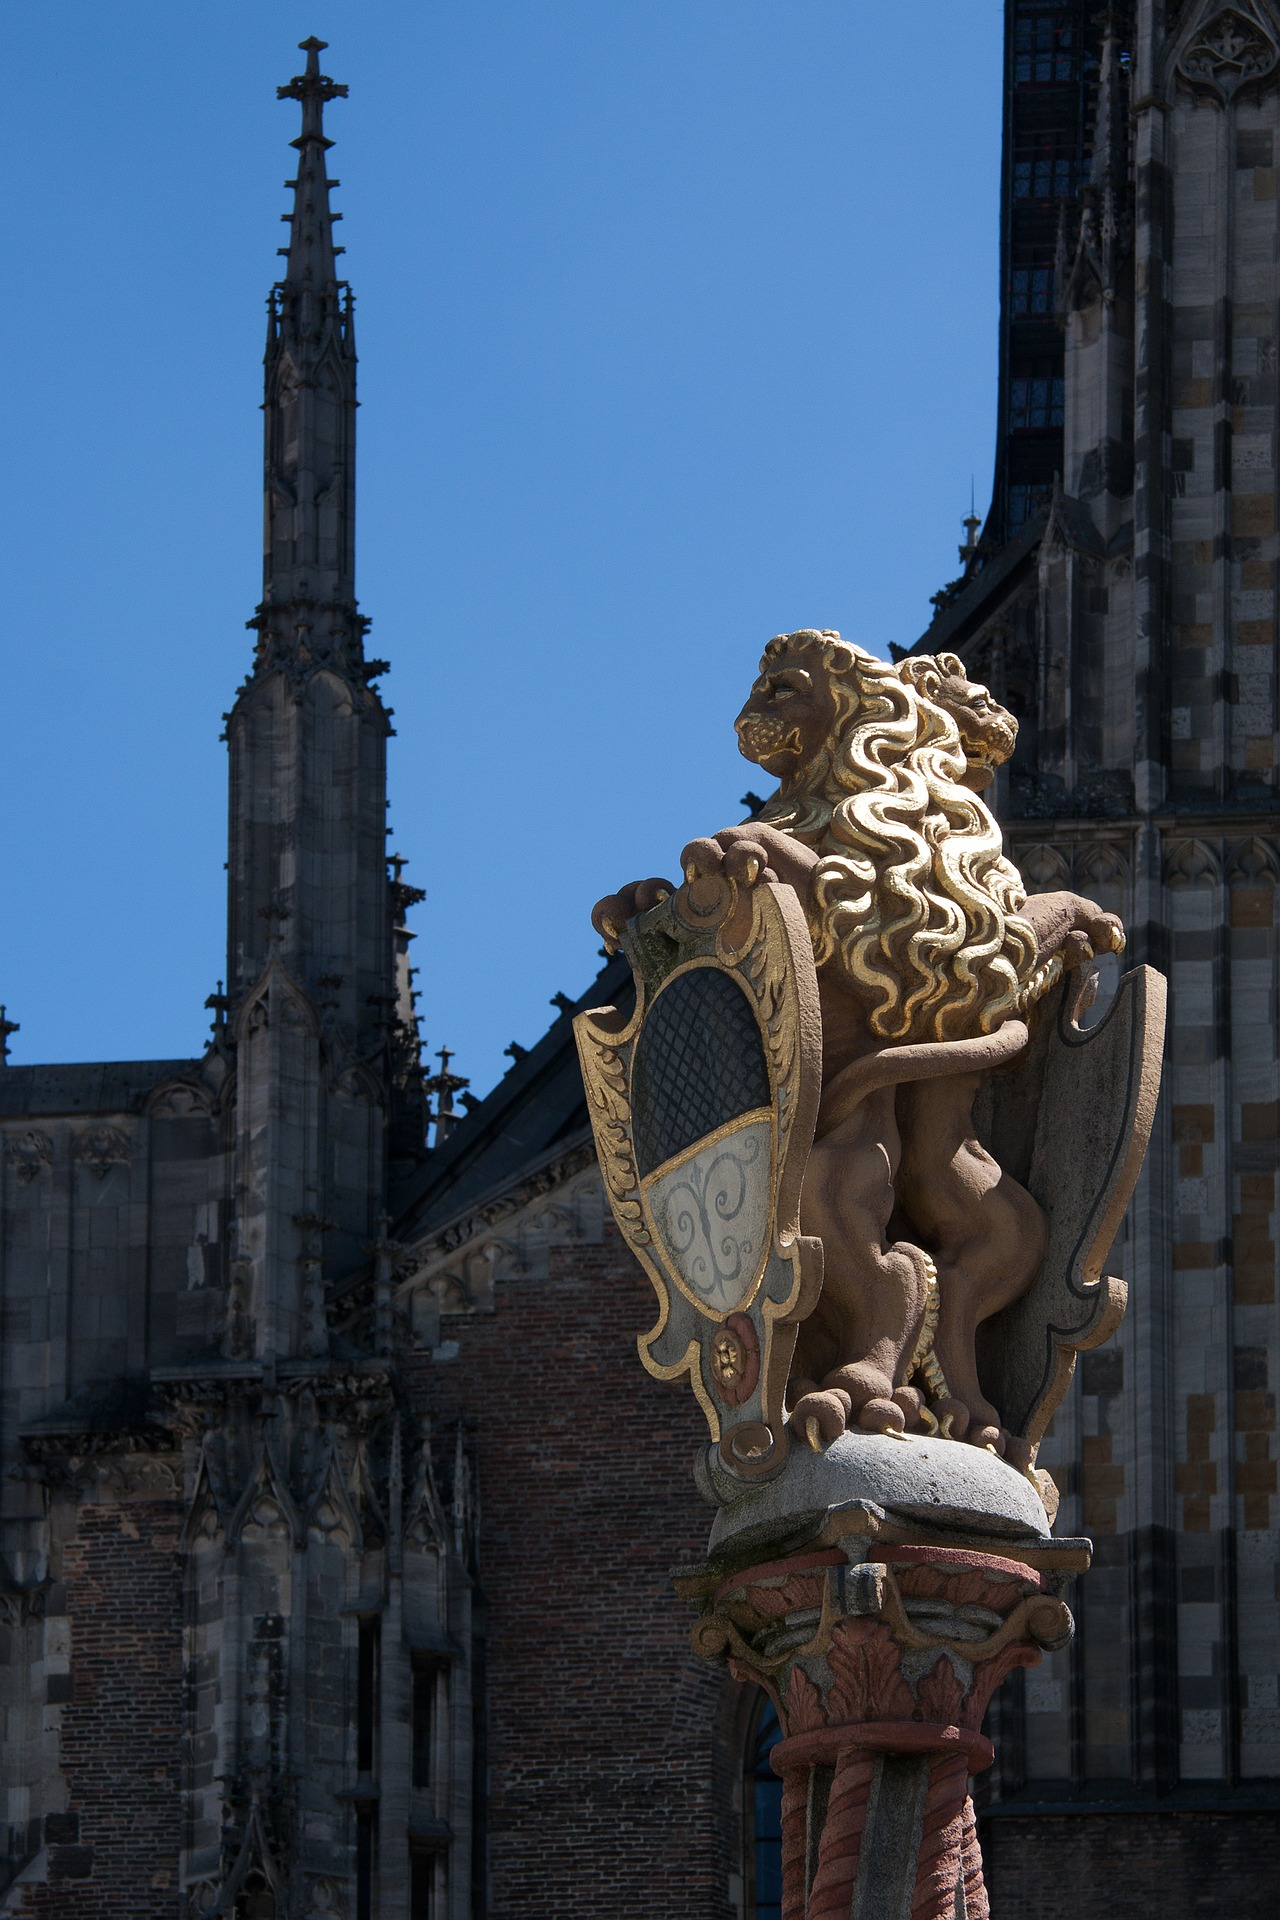 Lion Figure, Architecture, City, Construction, Design, HQ Photo